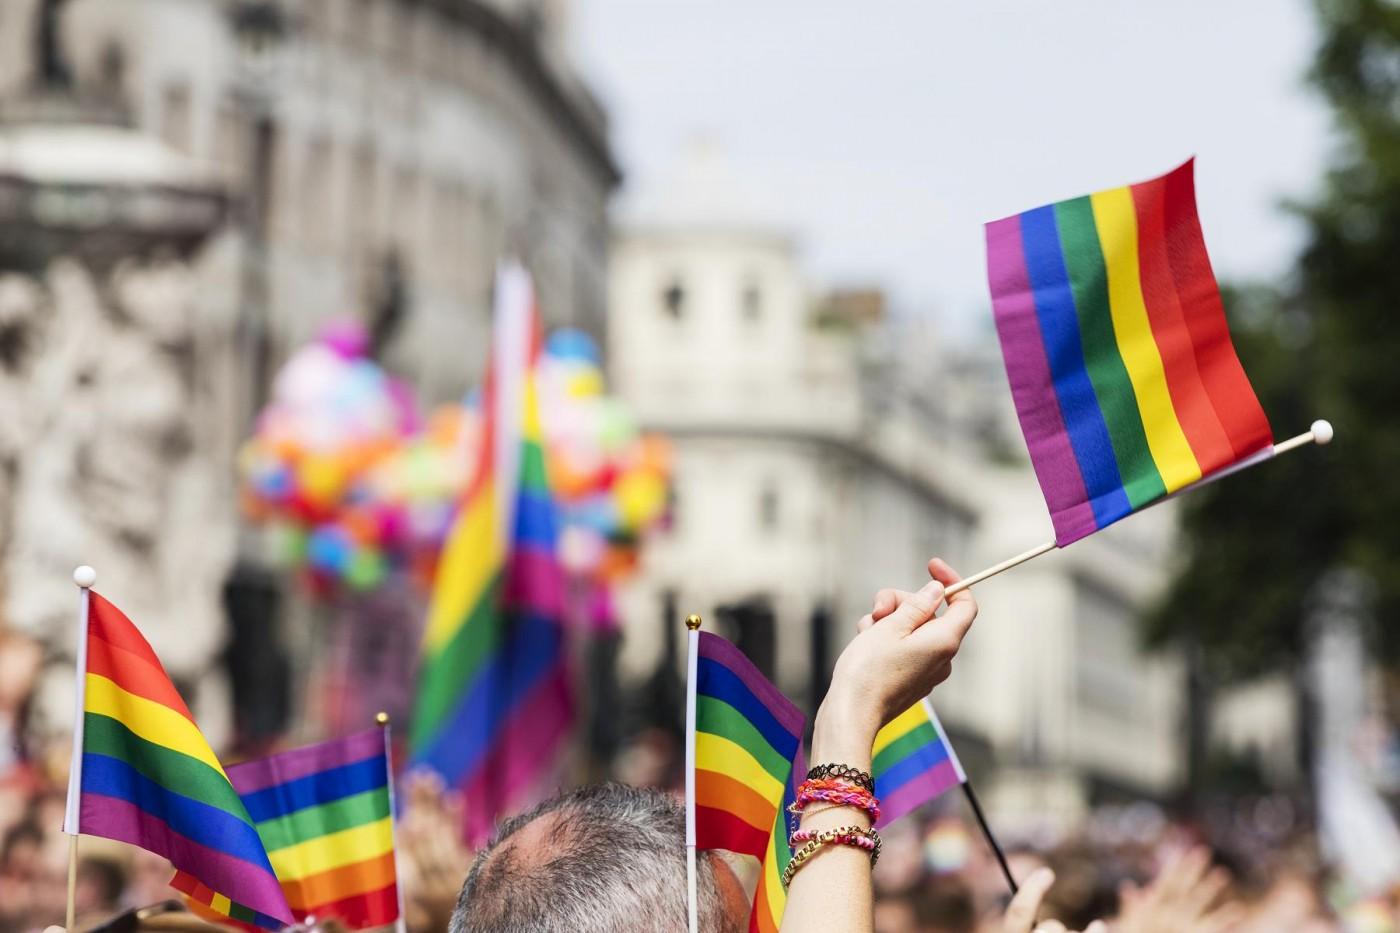 LGBT專屬加密貨幣誕生!「粉紅幣」3大功能,拉攏社群也引爆消費力